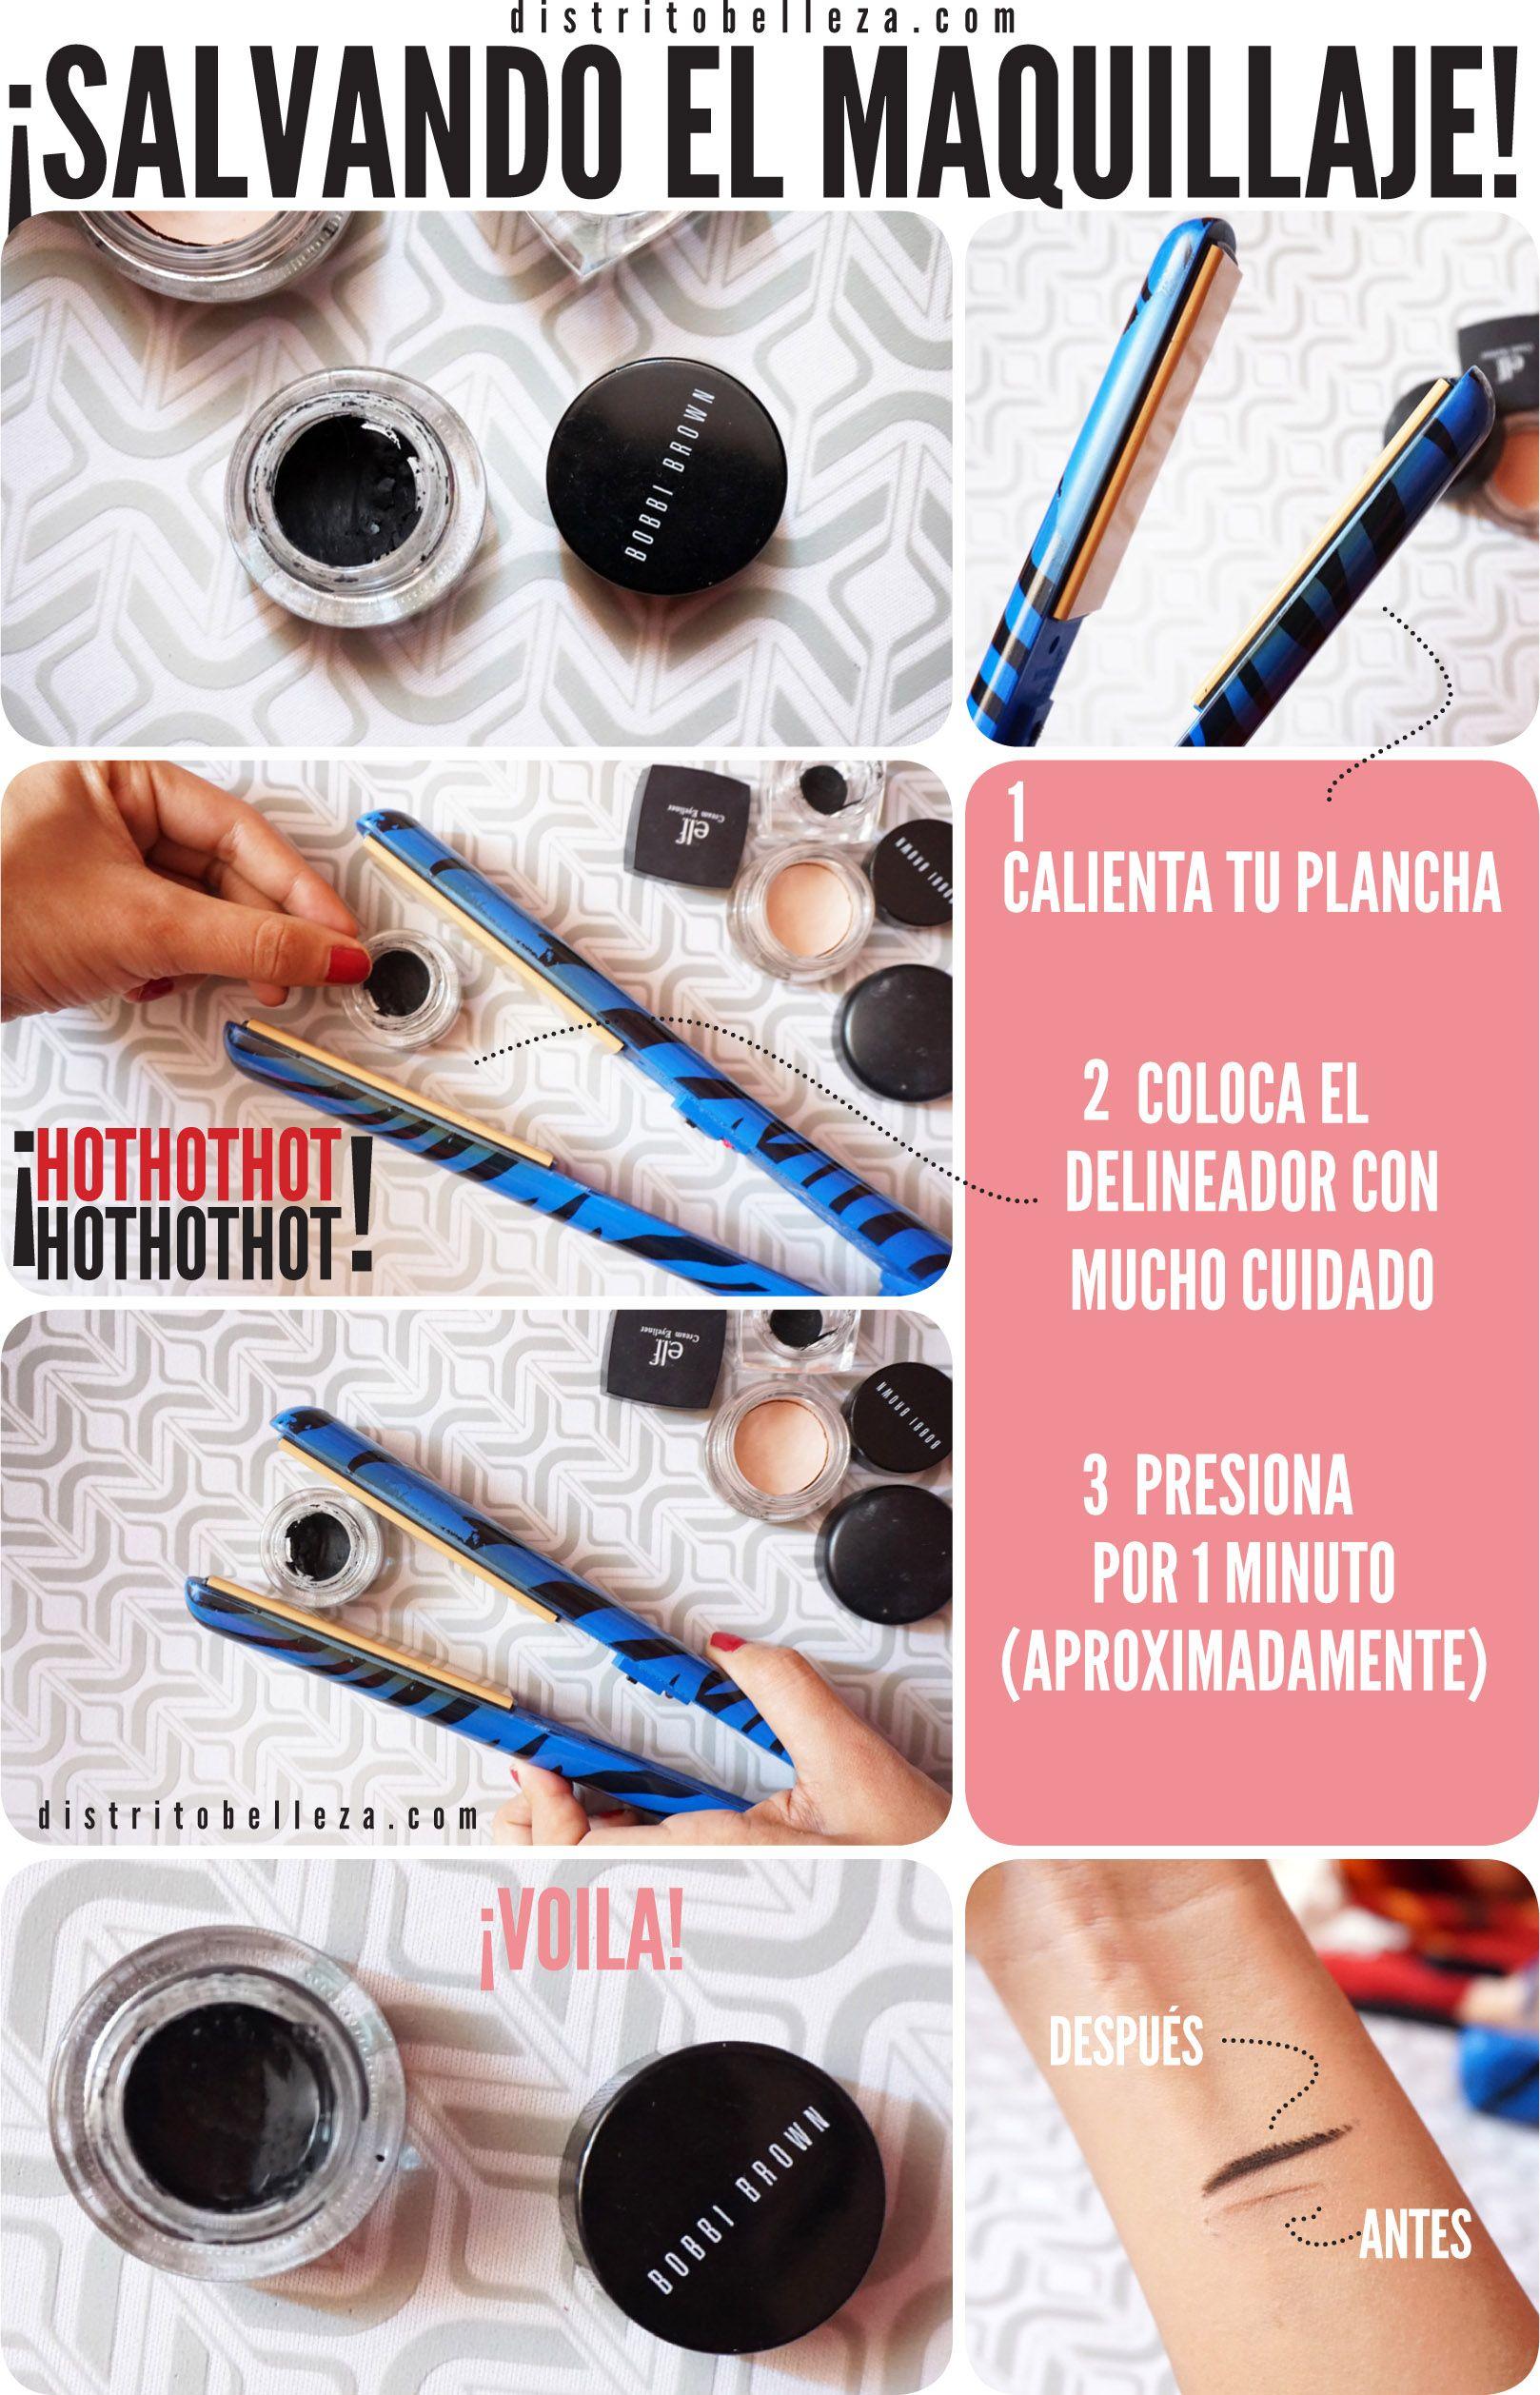 Reparar El Maquillaje Seco Distrito Belleza Maquillaje De Belleza Maquillaje Trucos De Belleza